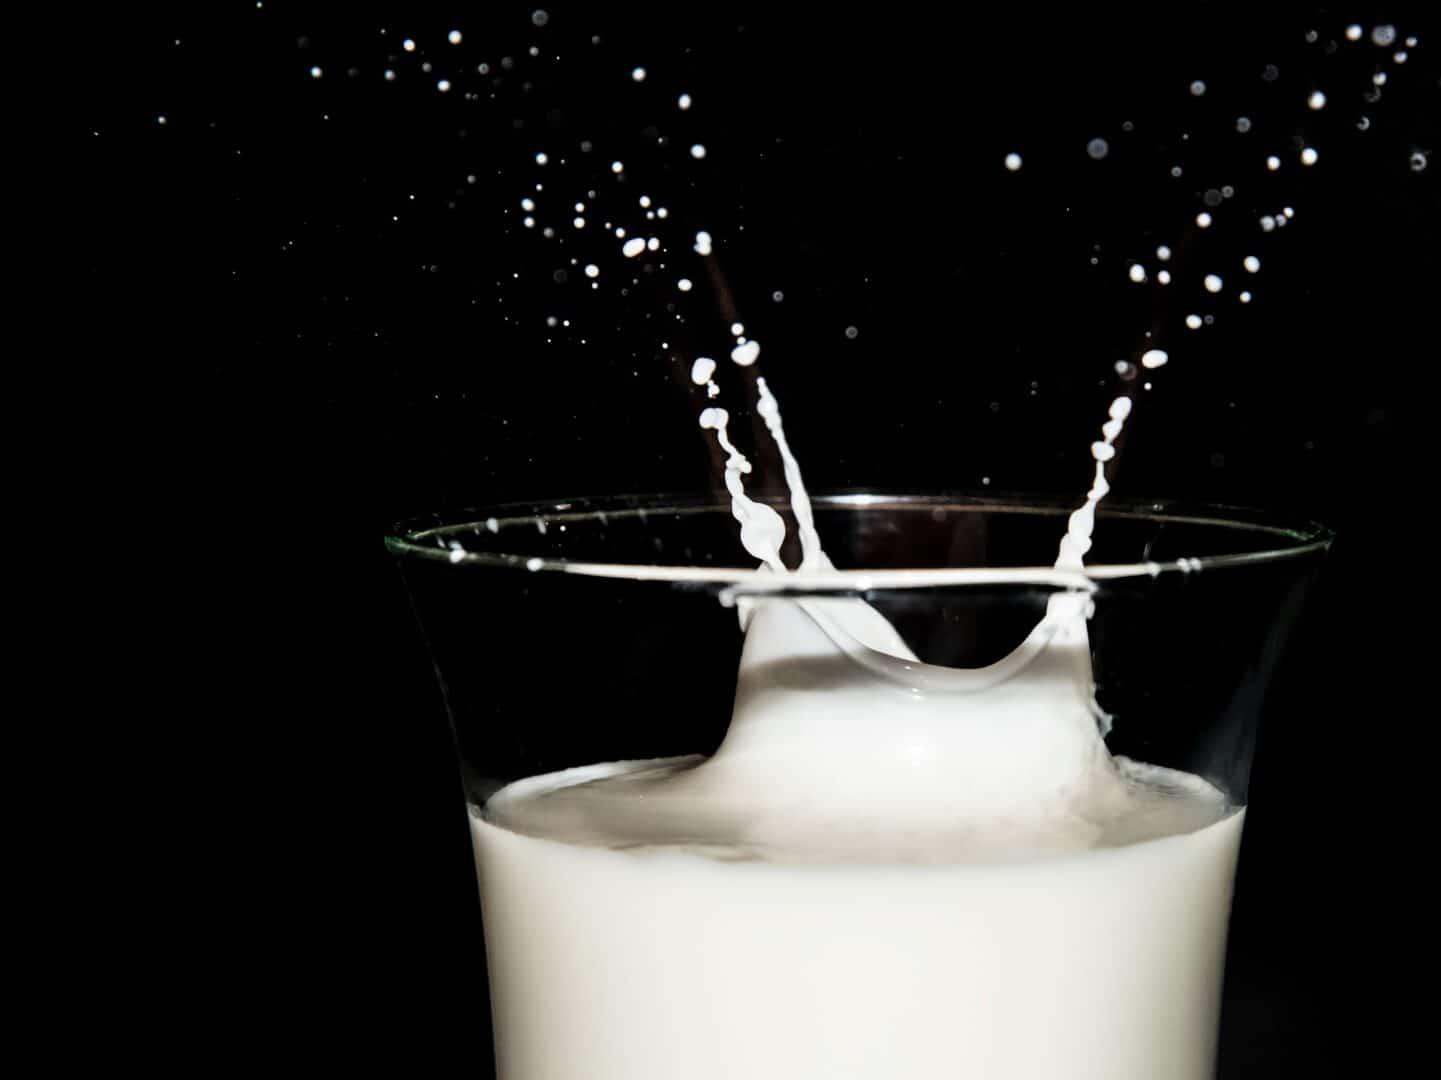 Die gesunde Portion Milch